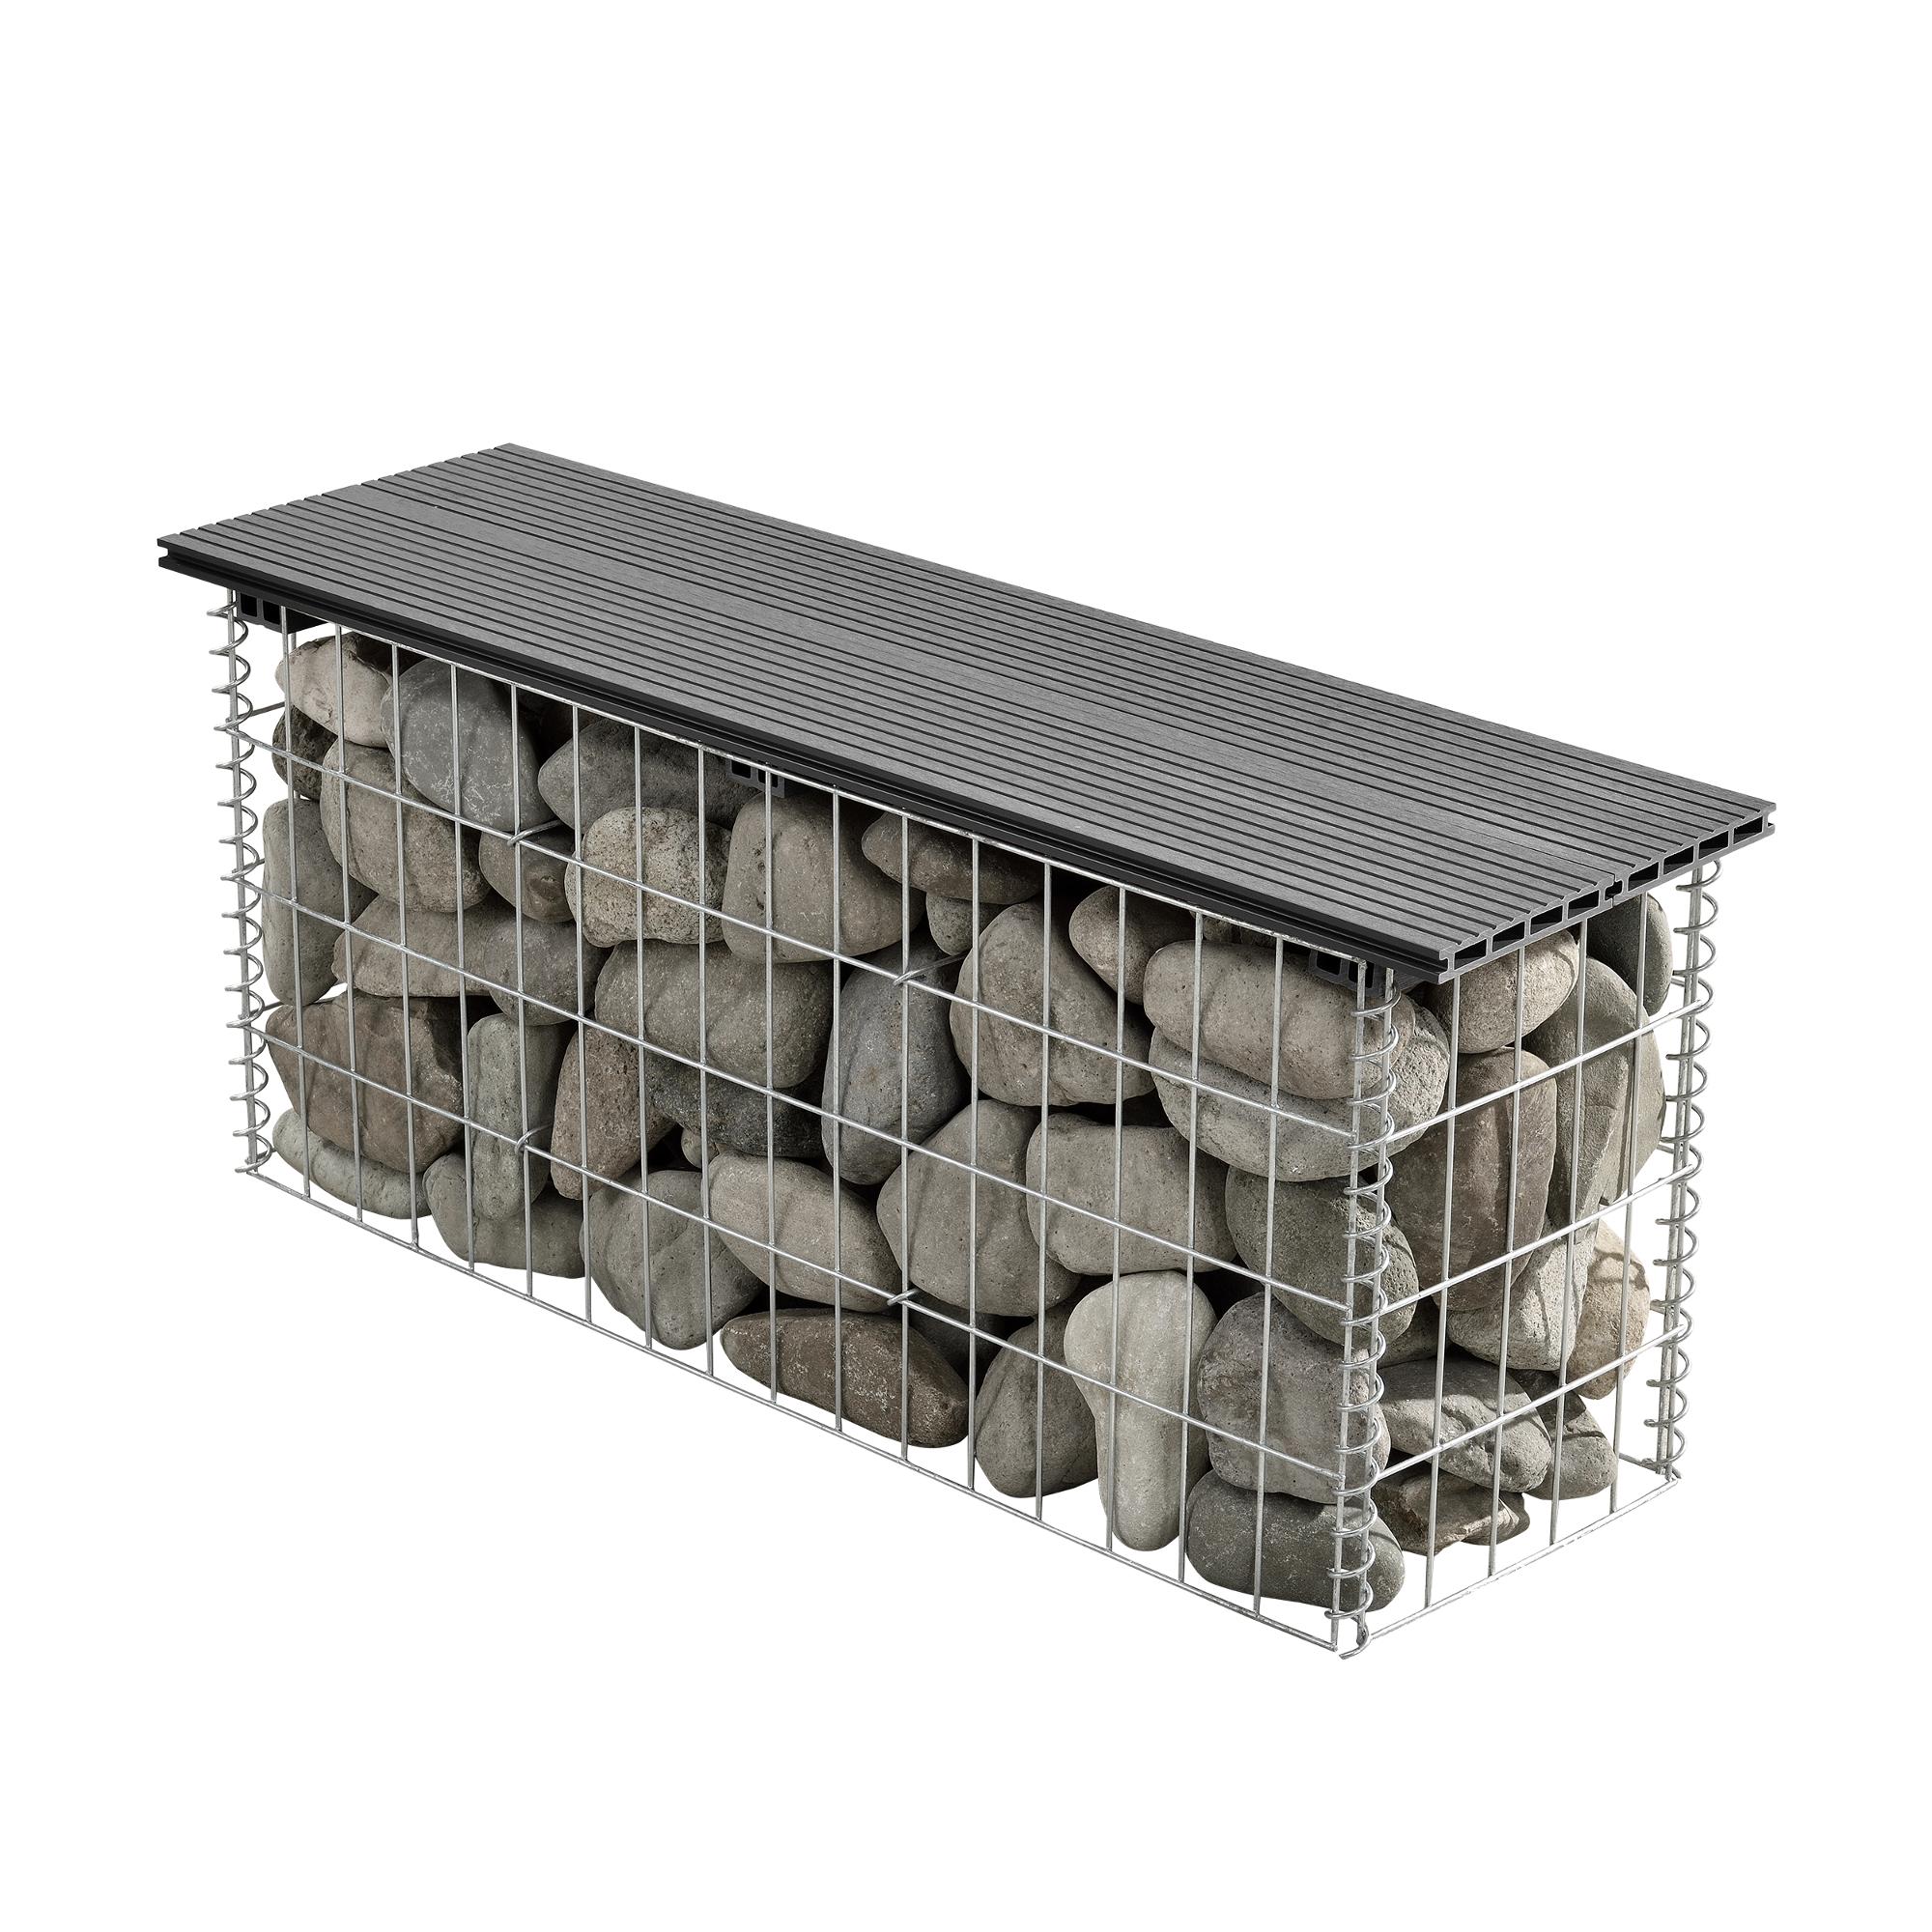 Wpc banc gabion 100x45x30cm gris gabion banc de for Banc jardin plastique gris